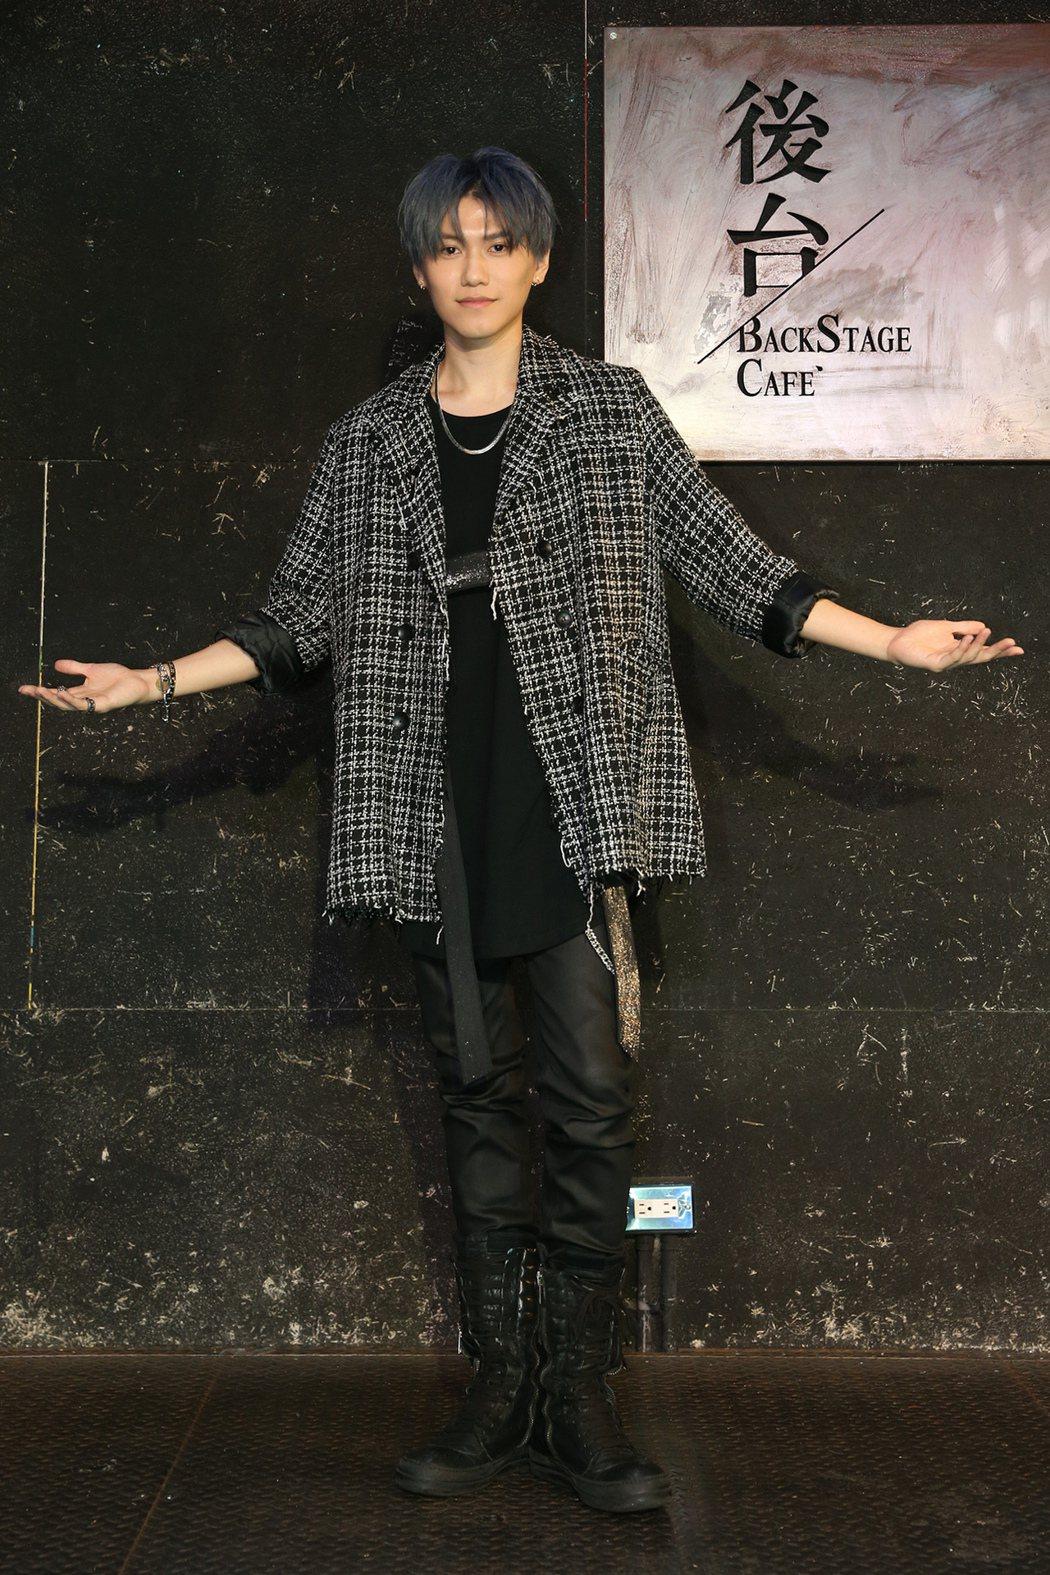 邱宇辰在生日會獻唱多首歌曲。圖/百鴻揚提供